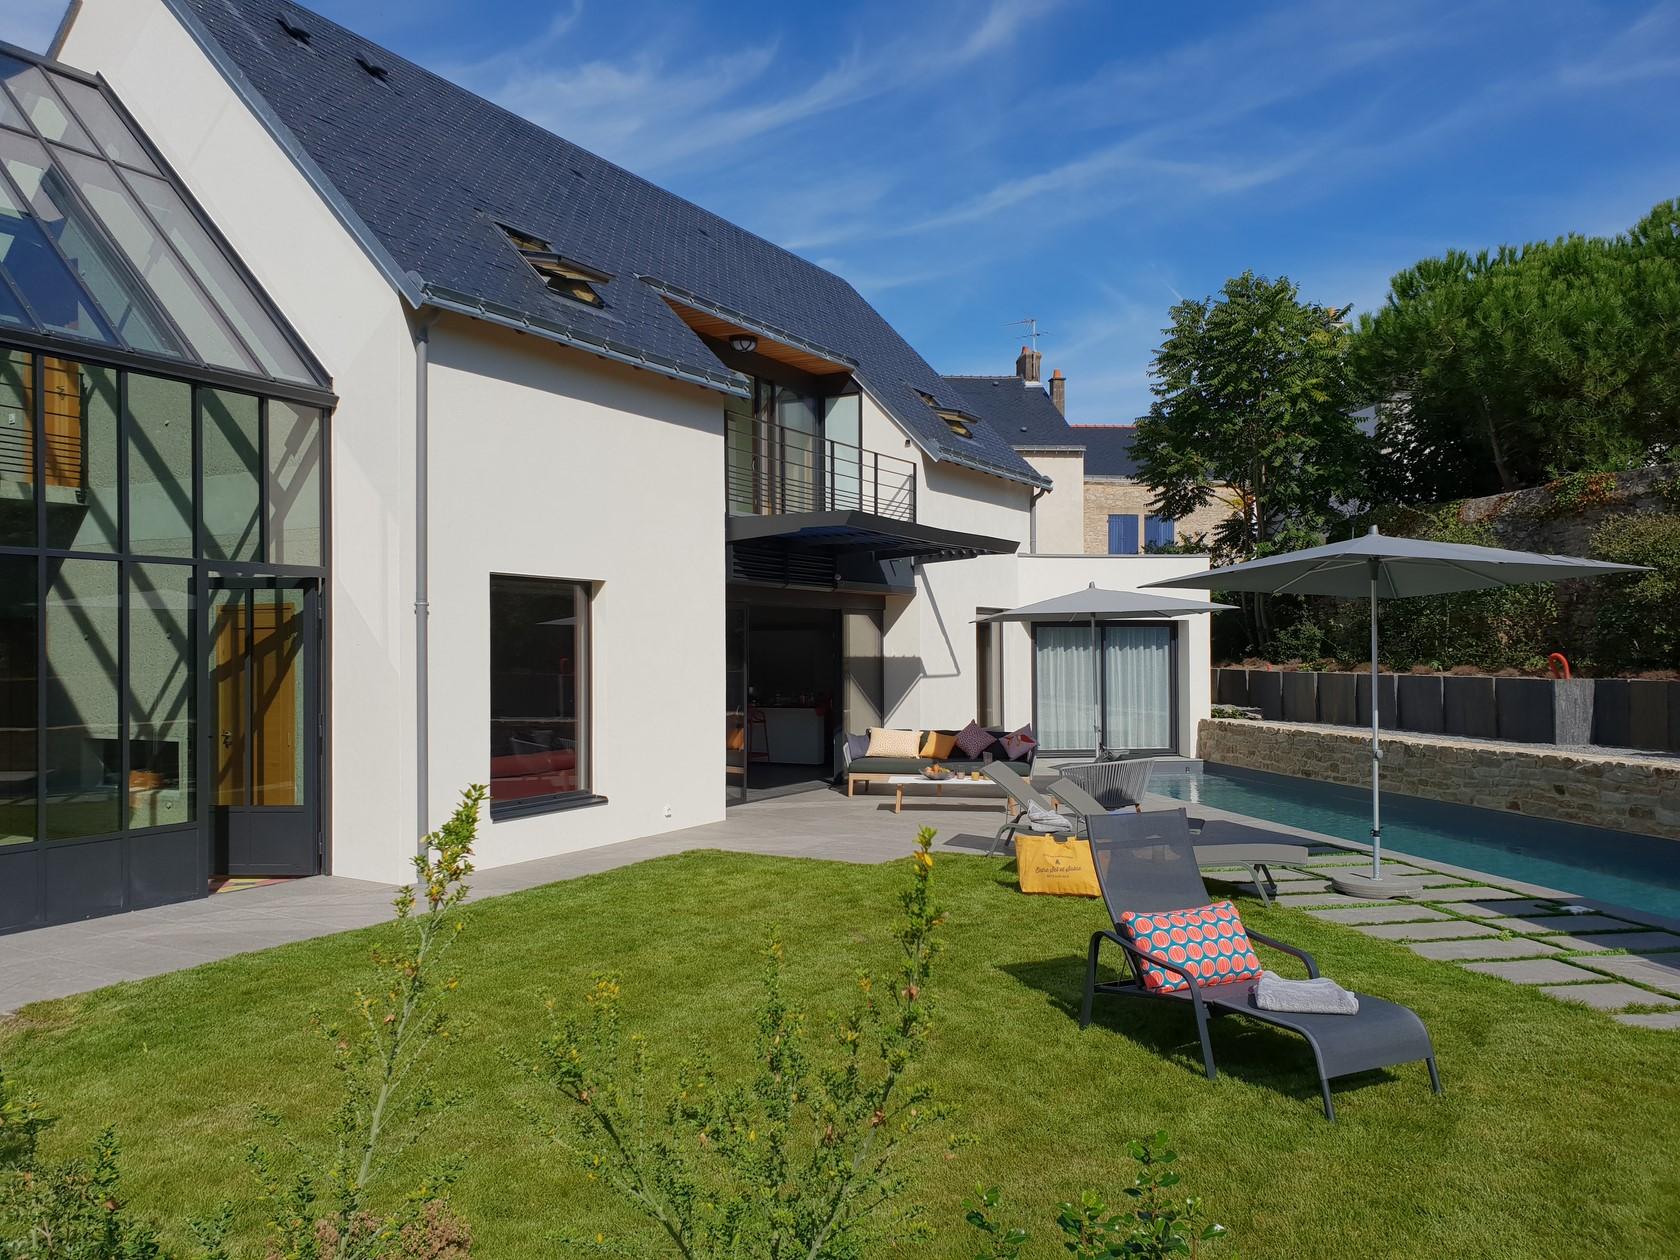 maison à louer pour vacances en Bretagne